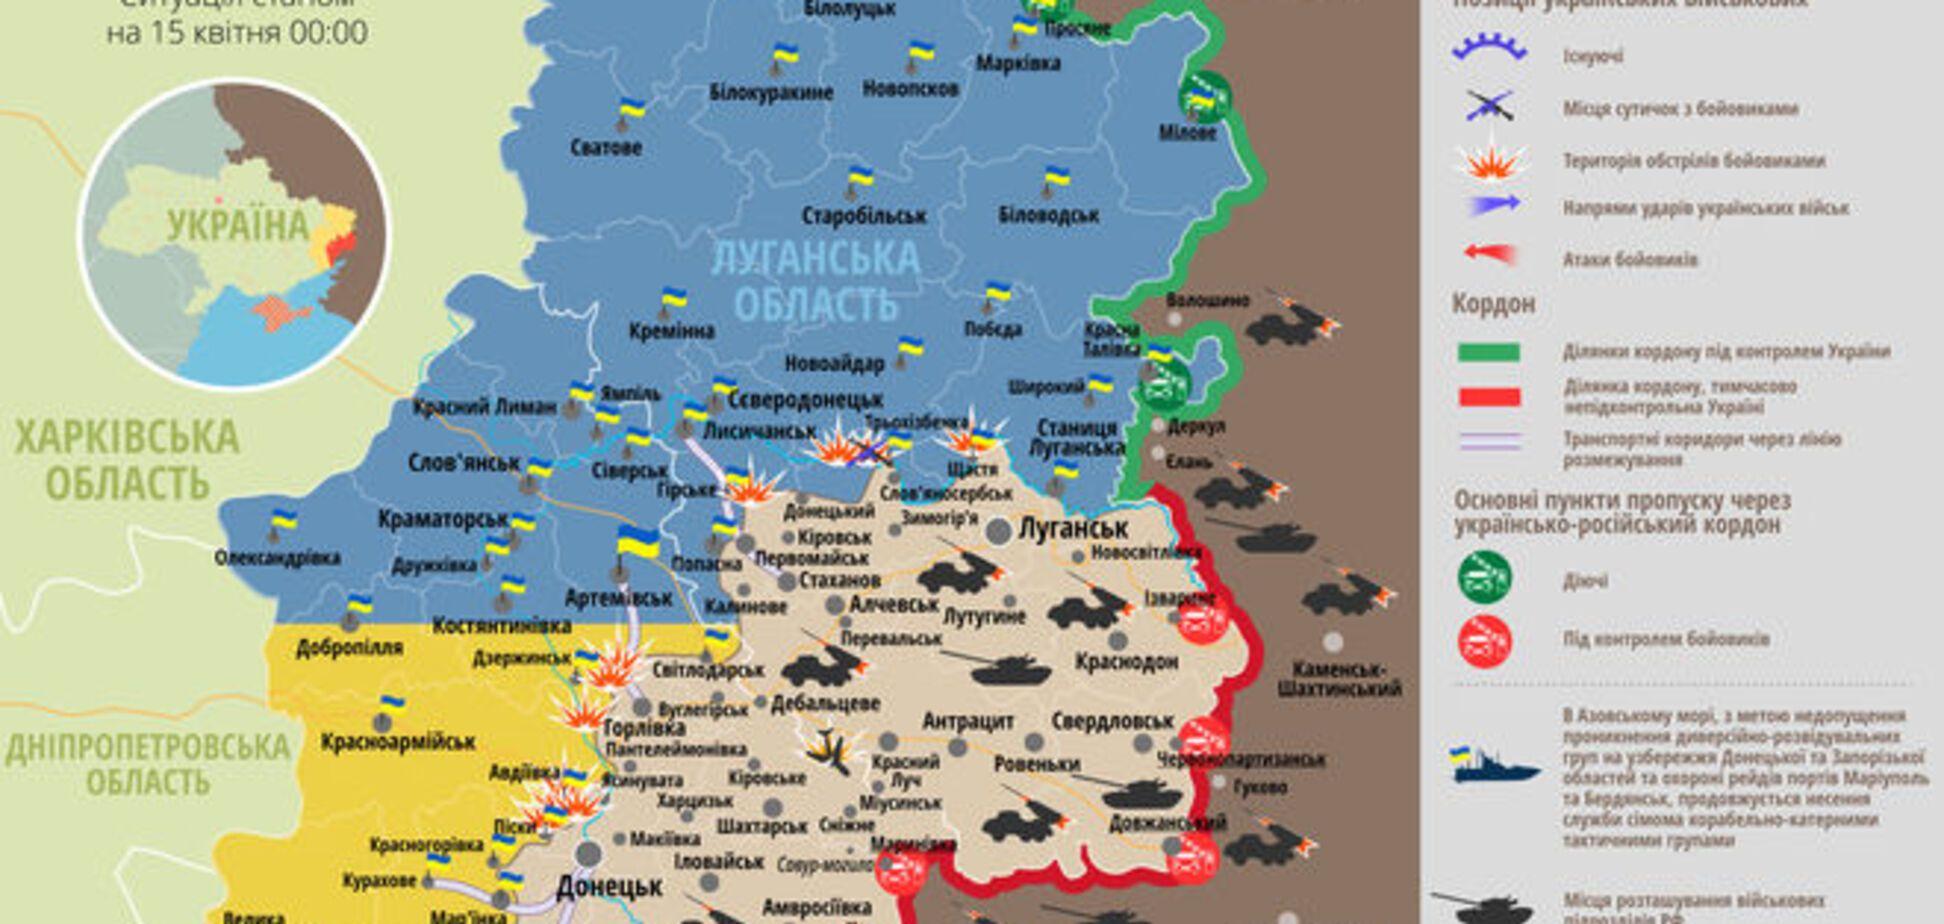 Росія продовжує стягувати війська до північного кордону України: мапа АТО